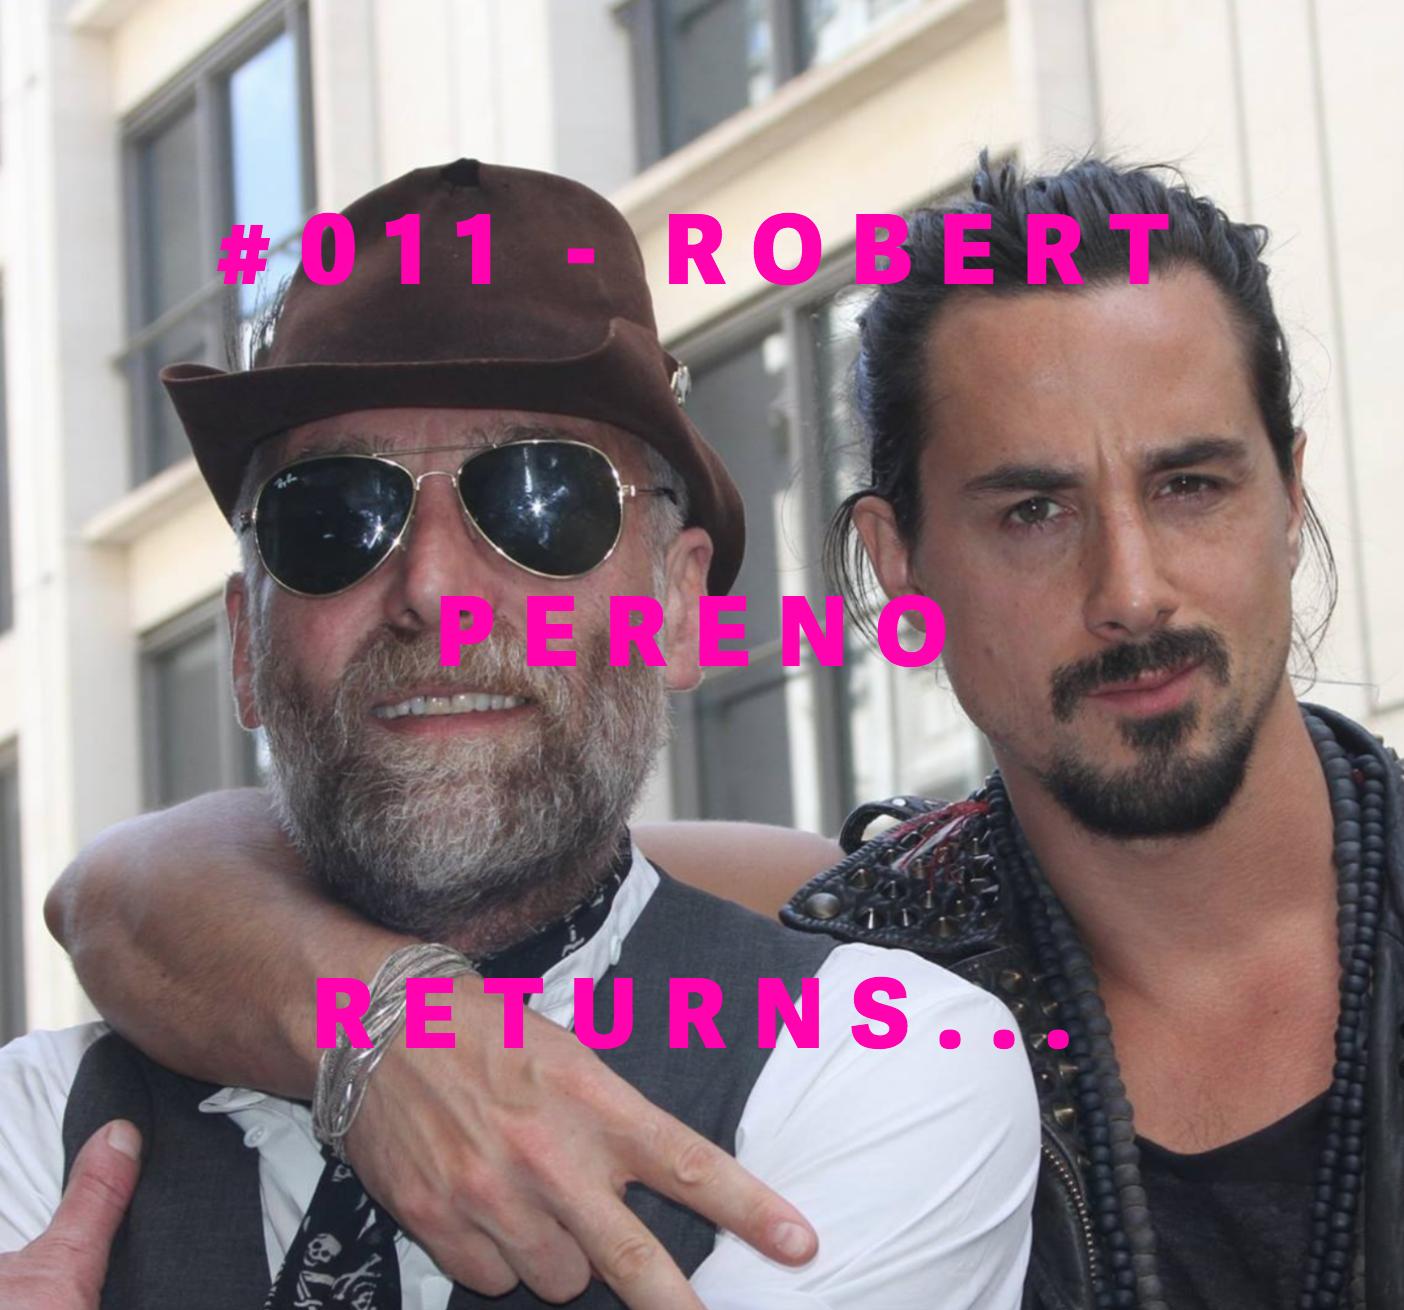 ROBERT PERINO  #011-HELLRAISER RETURNS...